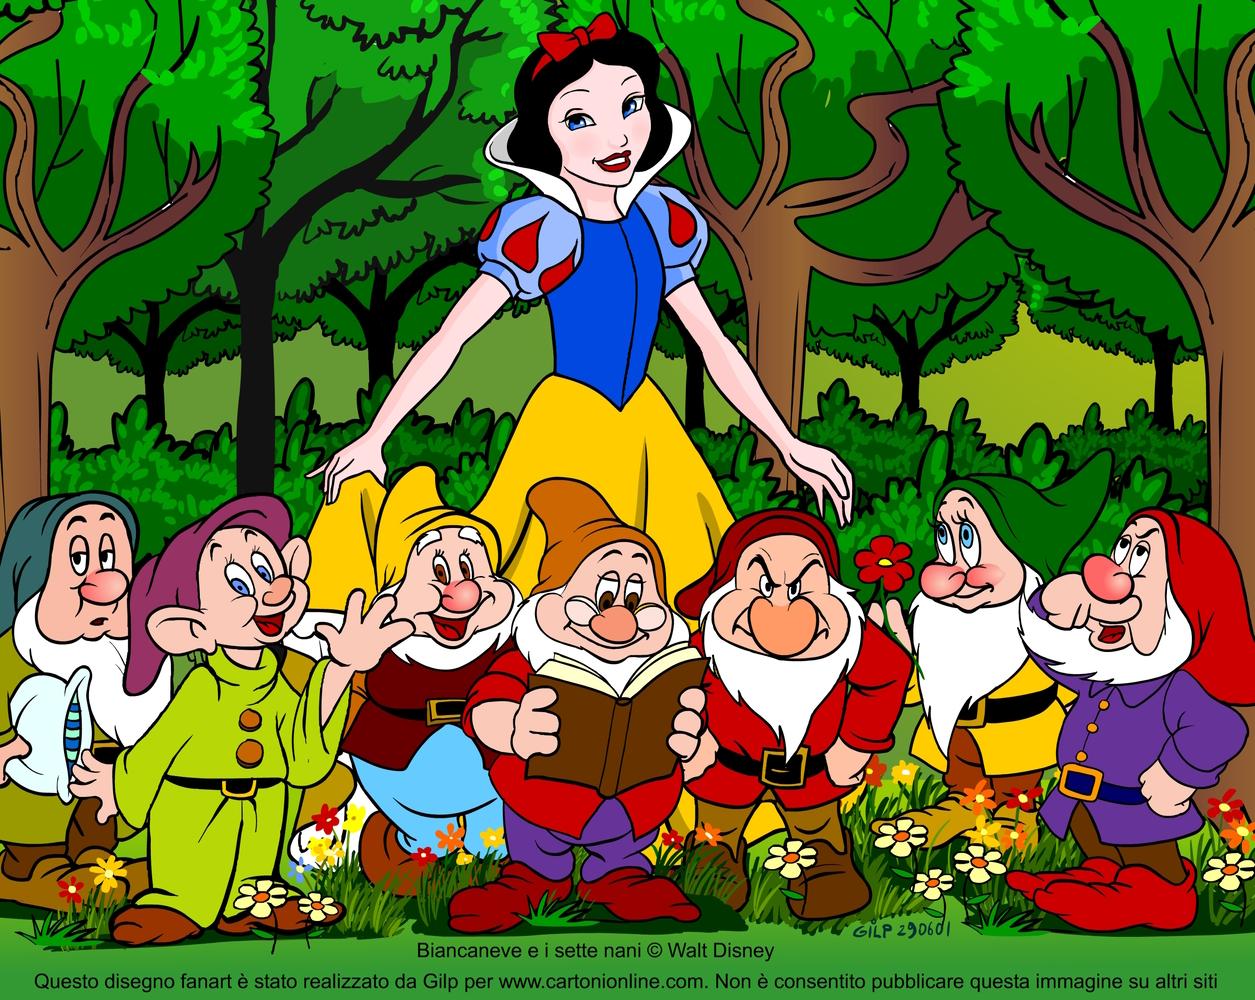 Biancaneve ha anni storia del cartoon in cui nessuno tranne